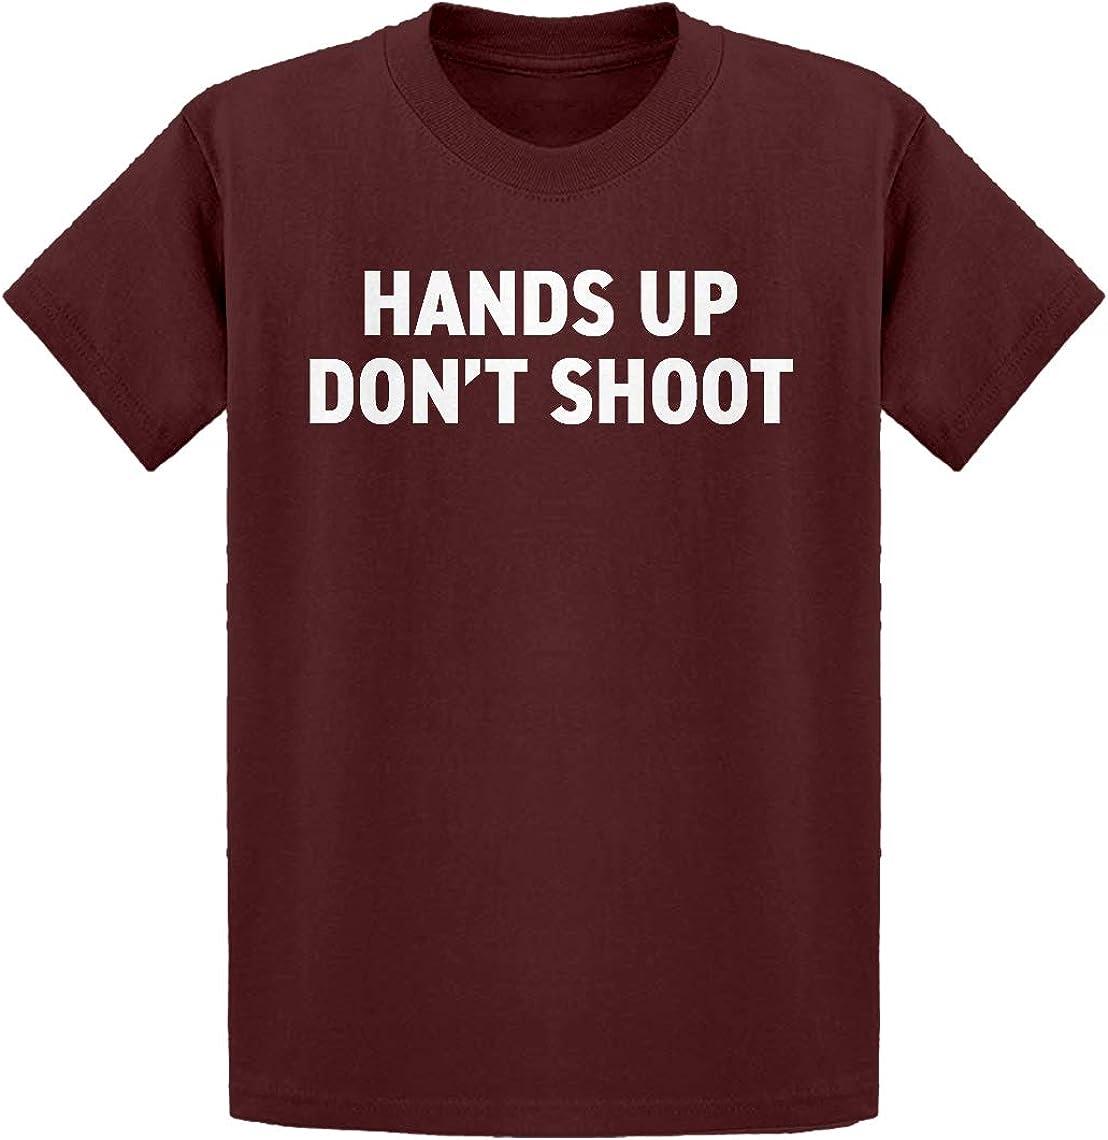 Hands Up Don't Shoot Kids T-Shirt